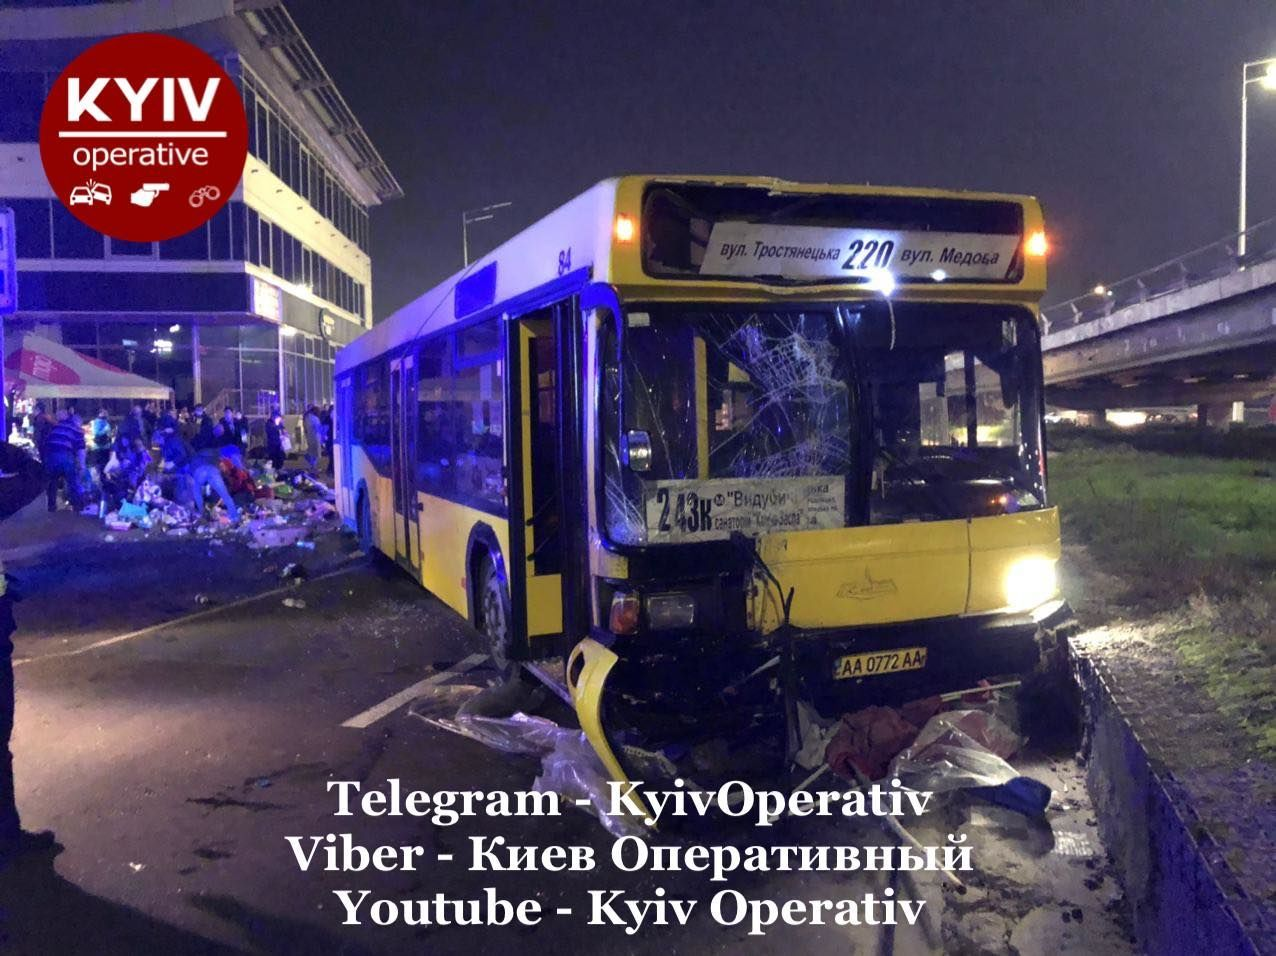 Смертельное ДТП в Киеве - автобус снес остановку, полную людей - фото 9